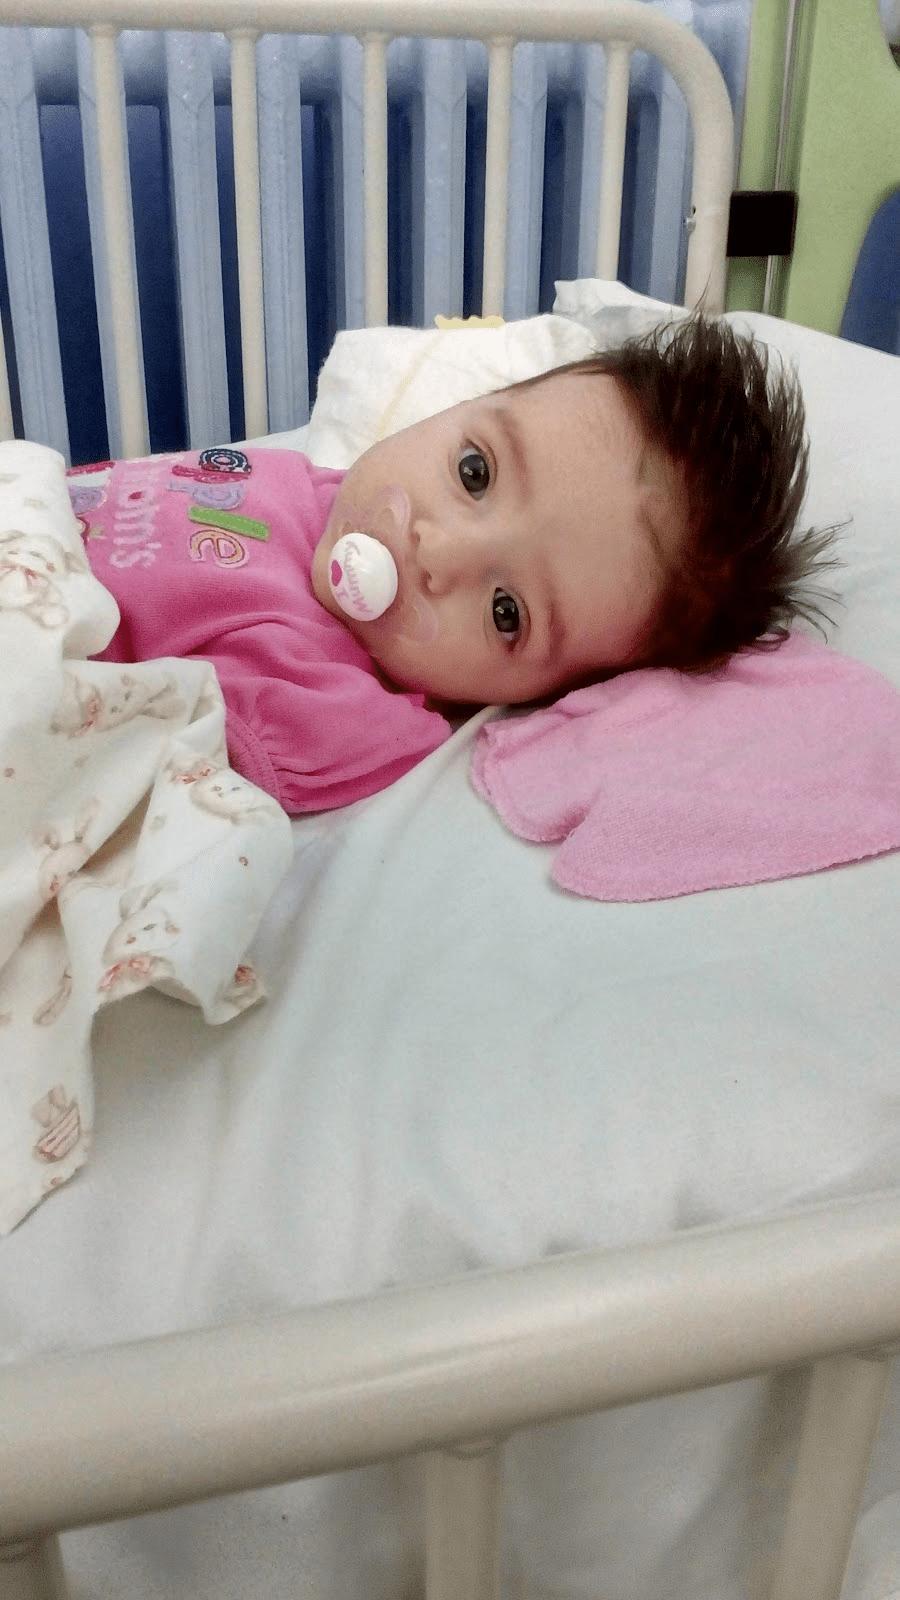 Νοσηλευτήκαμε με βρογχιολίτιδα 2 μηνών. Ποσό επικίνδυνη είναι για τα βρέφη;Η ιστορία μας